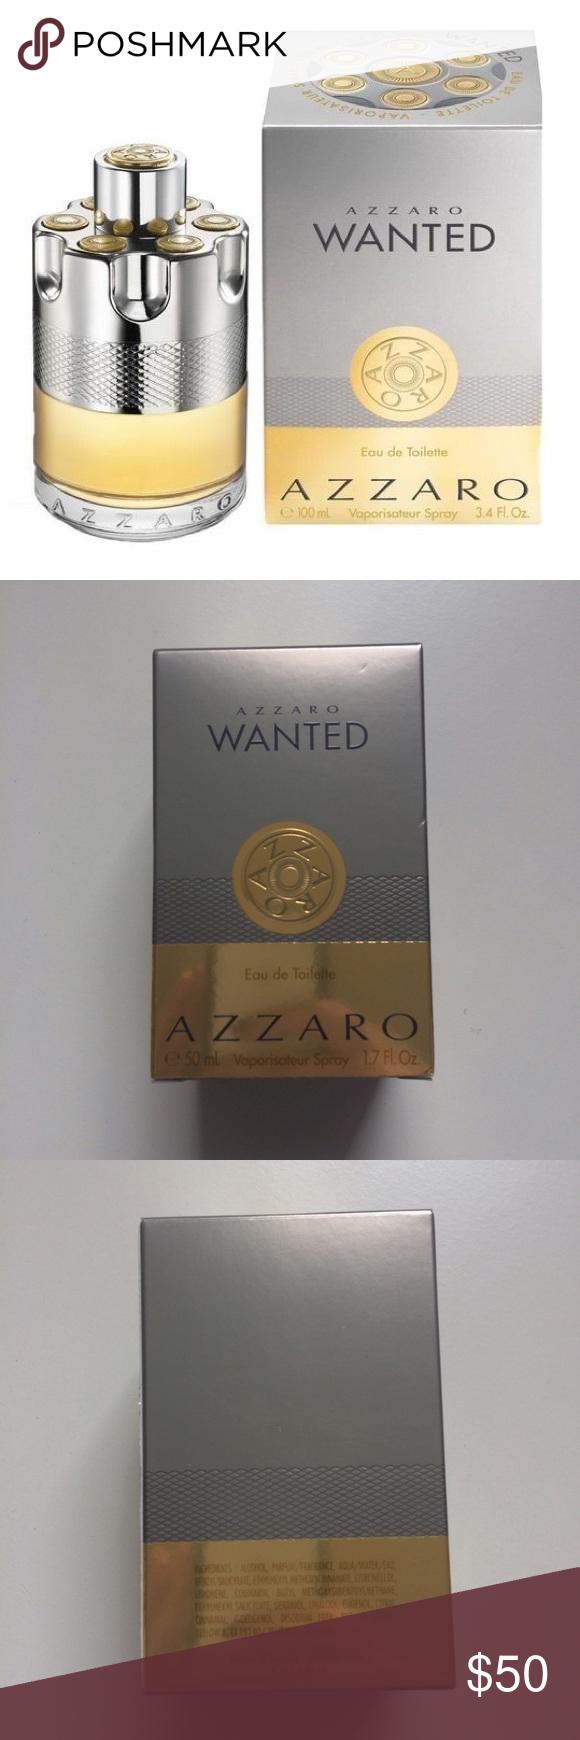 Nwot Azzaro Wanted Eau De Toilette 17oz For Men Nwot Still In Box